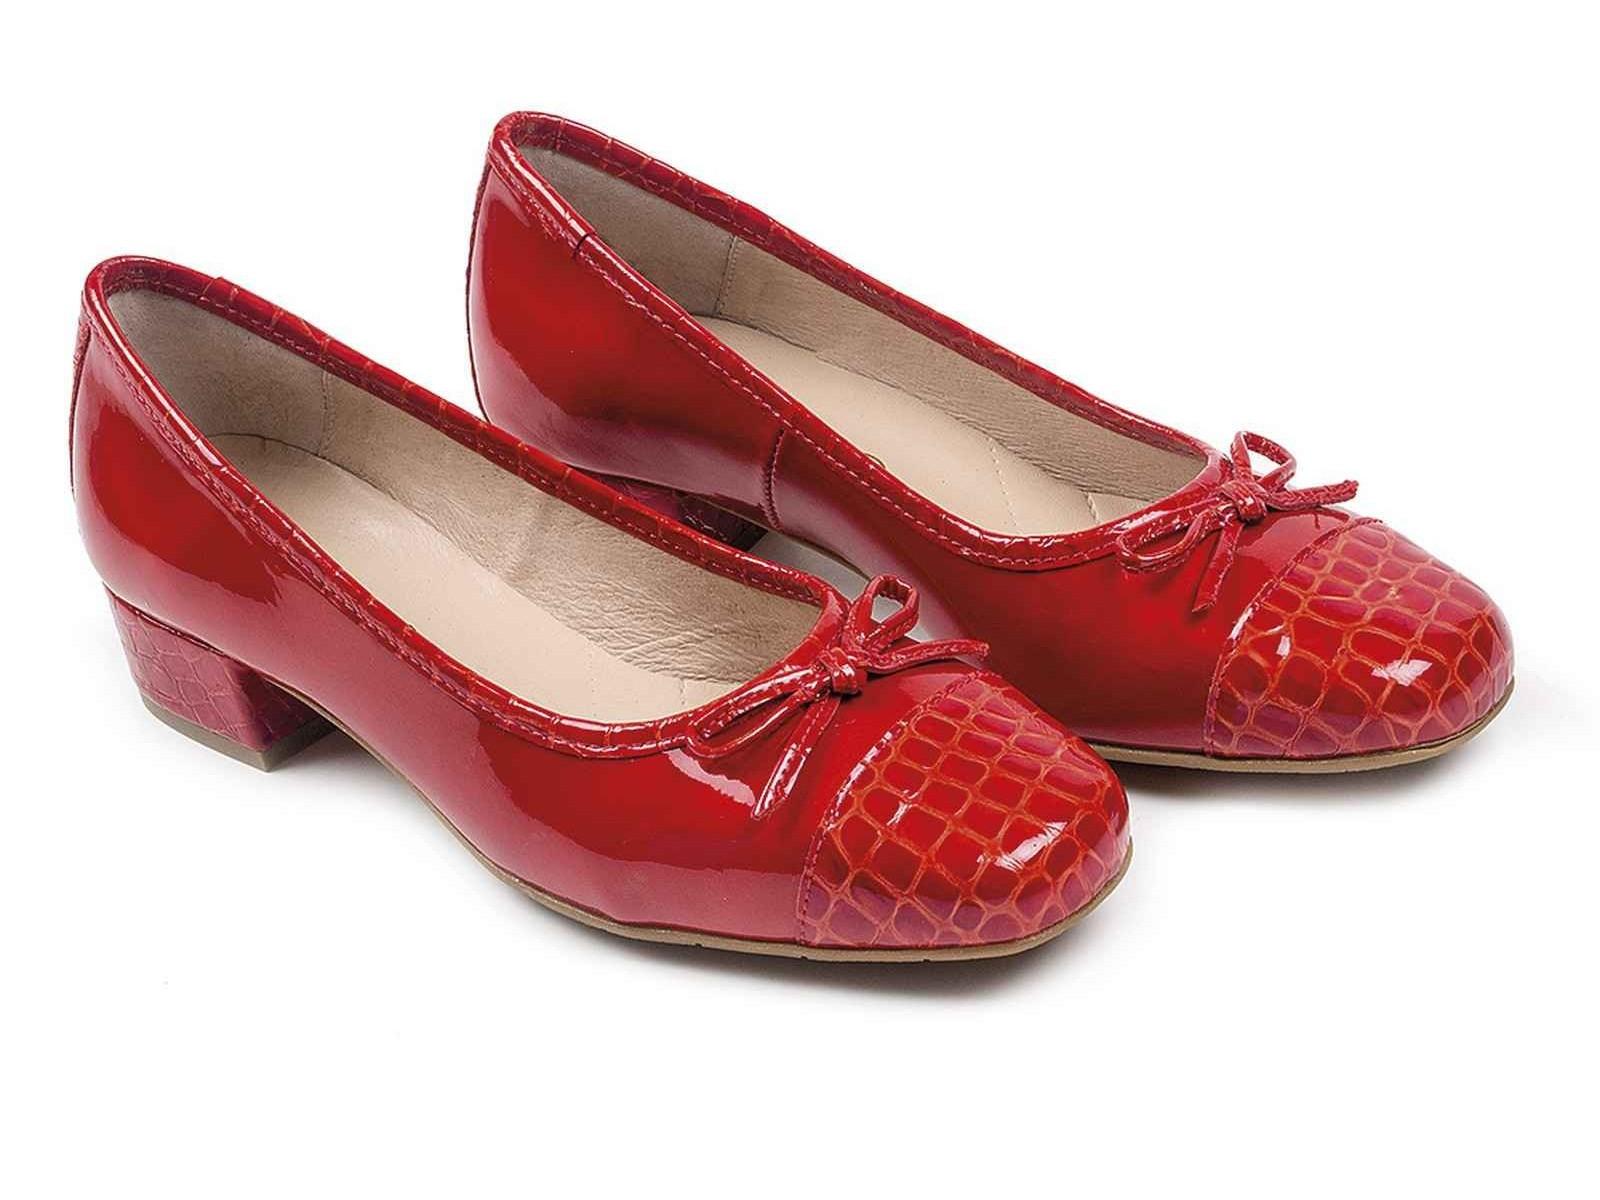 Zapatos de Charol + Keral Rojo